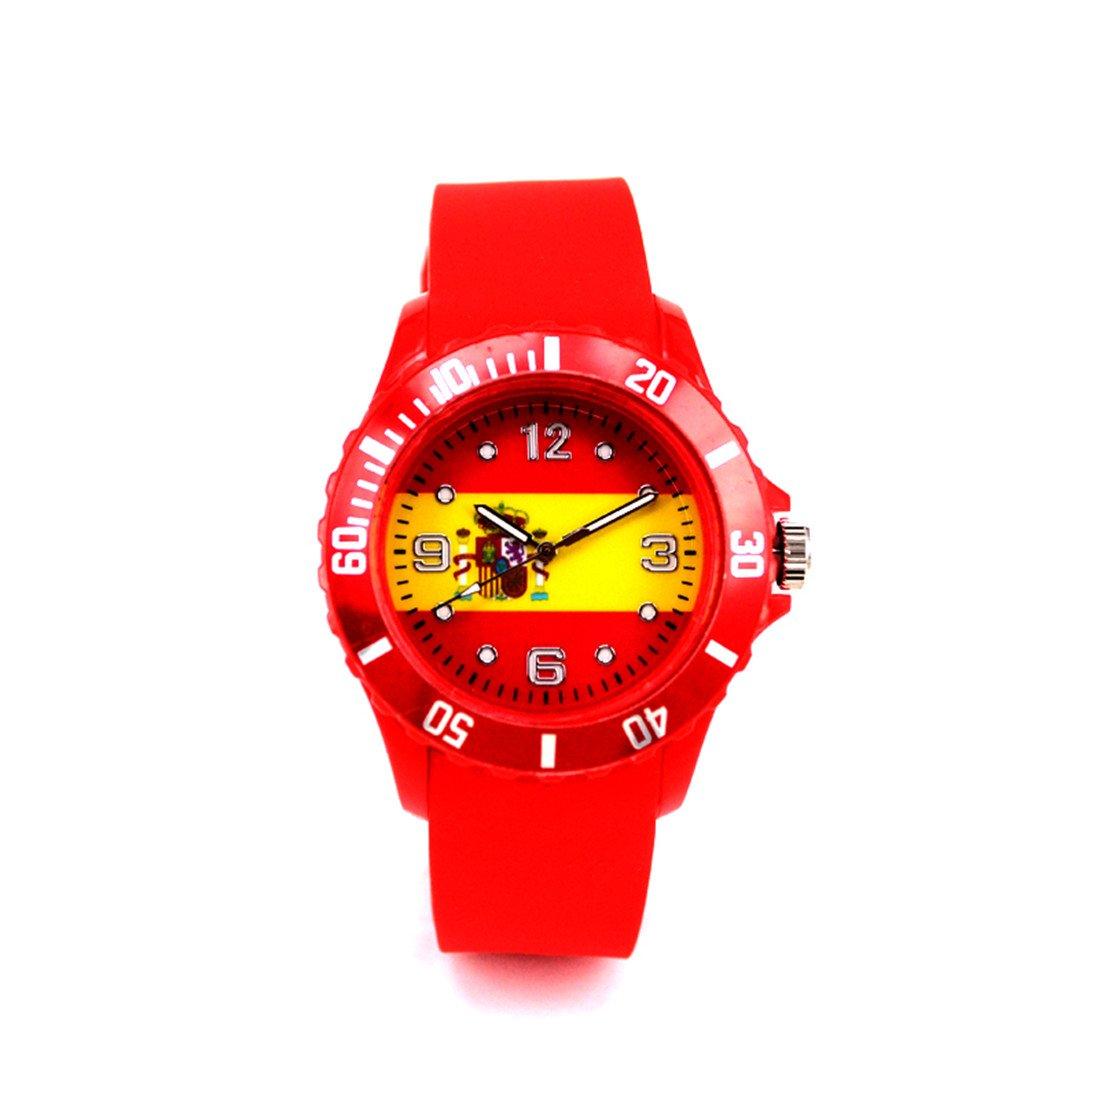 papasgjx Reloj Cuarzo Conmemorativa de la Copa Mundial de Bandera de España AU 13 A Reloj Redondo Pulsera Rojo de Gel de sílice Unisex 24 cm: Amazon.es: Relojes